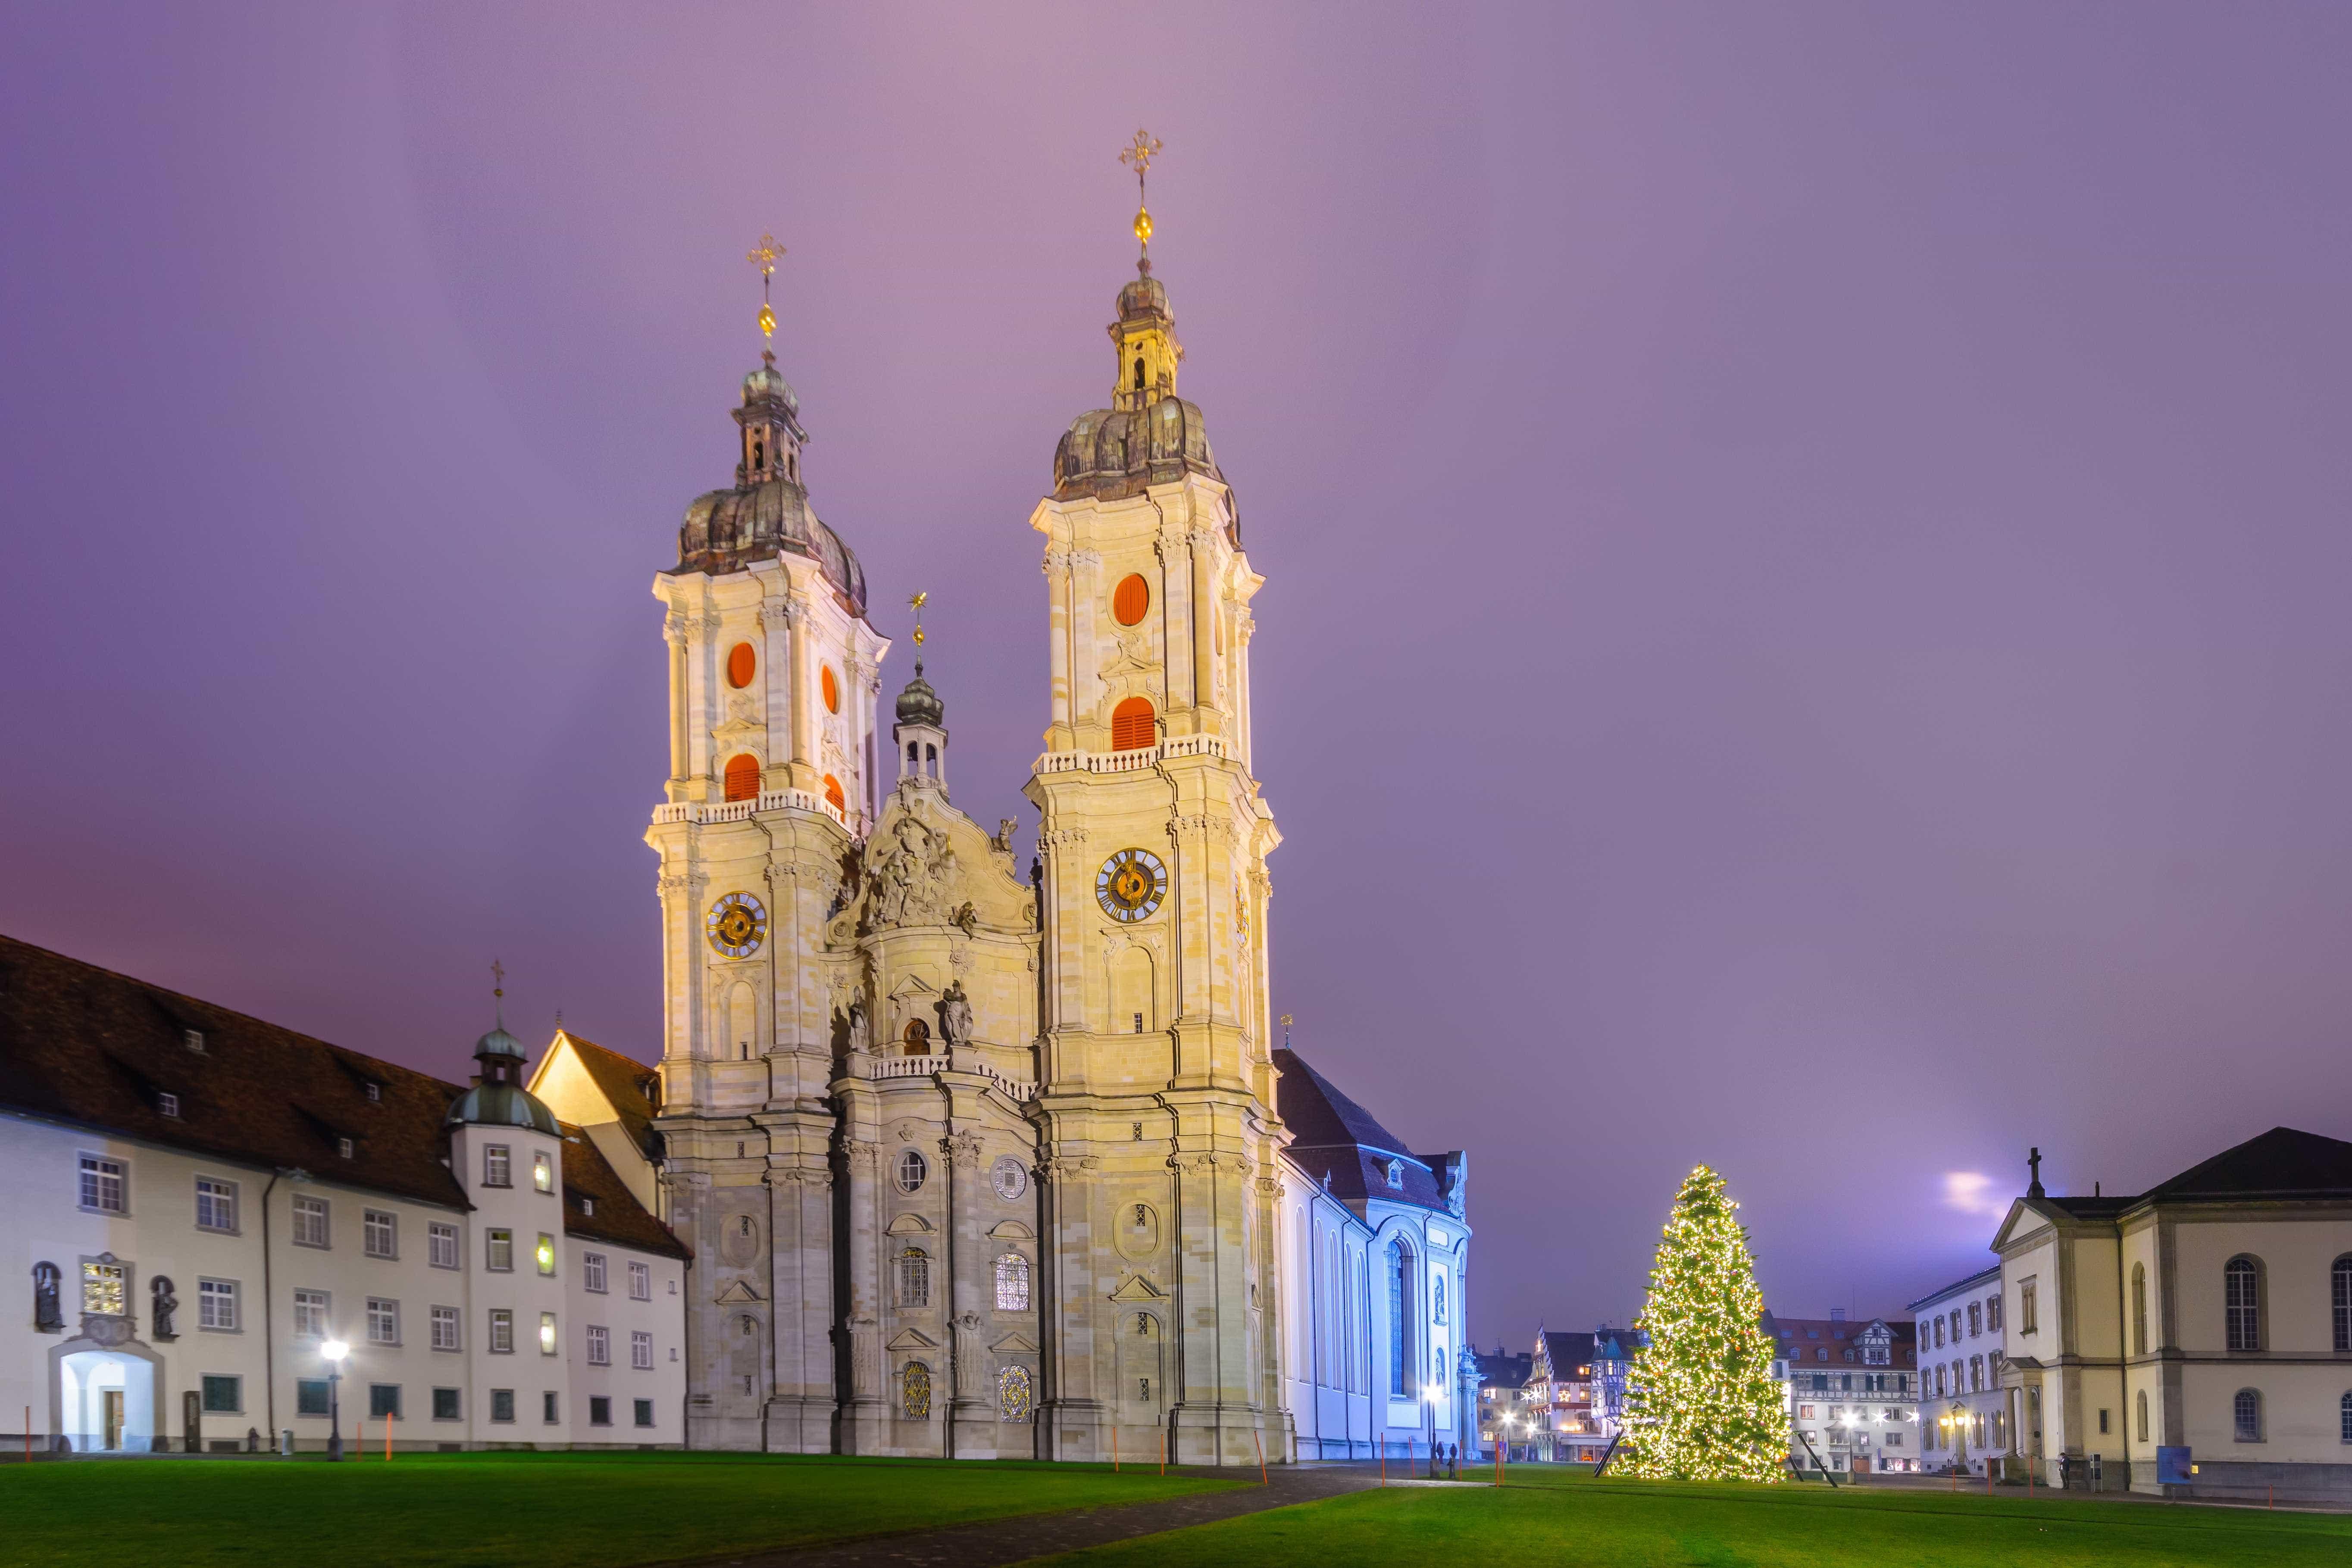 Conheça St. Gallen, a cidade que inspirou livro 'O nome da rosa'